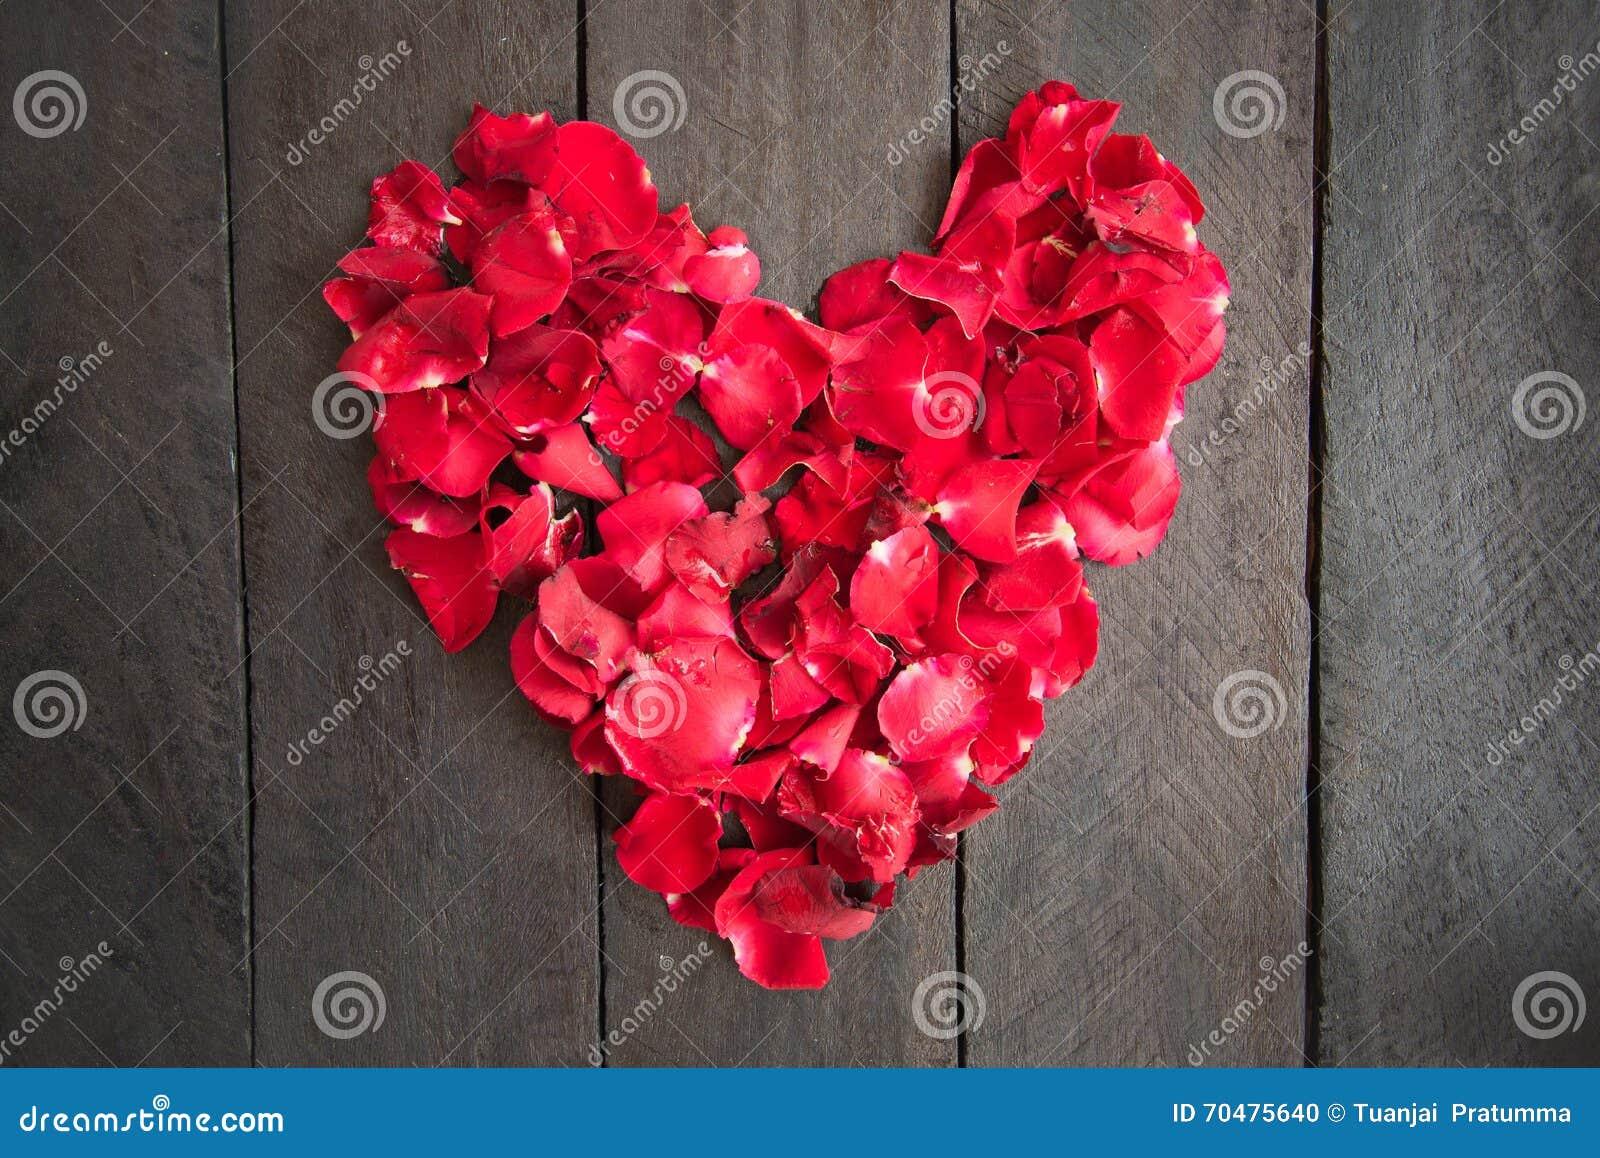 Las rosas rojas del pétalo formaron como un corazón en el fondo de madera,